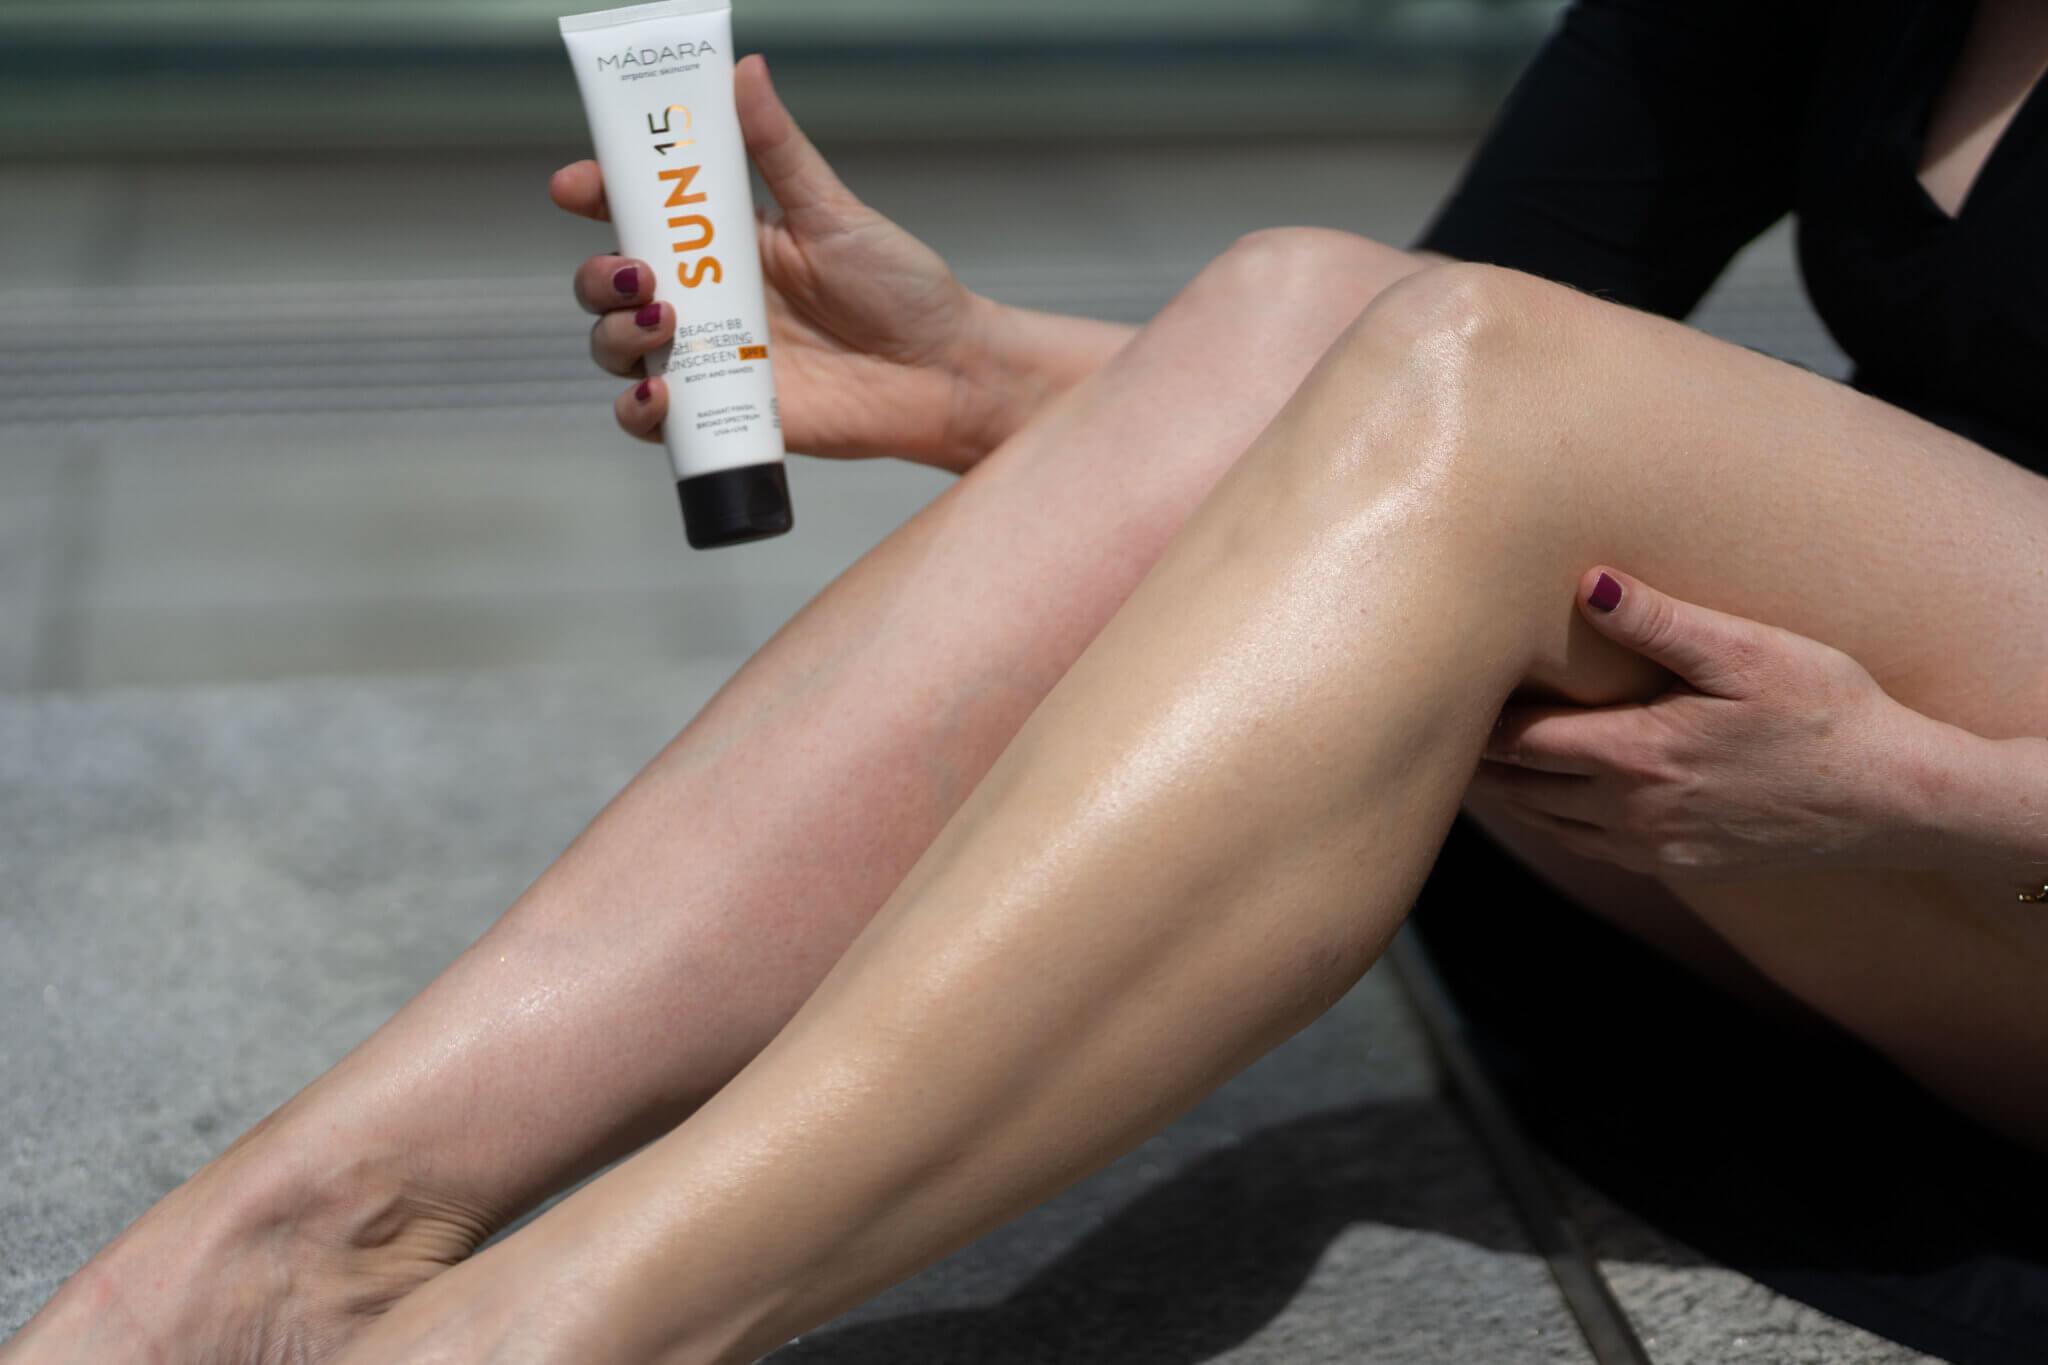 Madara SUN15 Beach BB Shimmering Sunscreen SPF 15 test